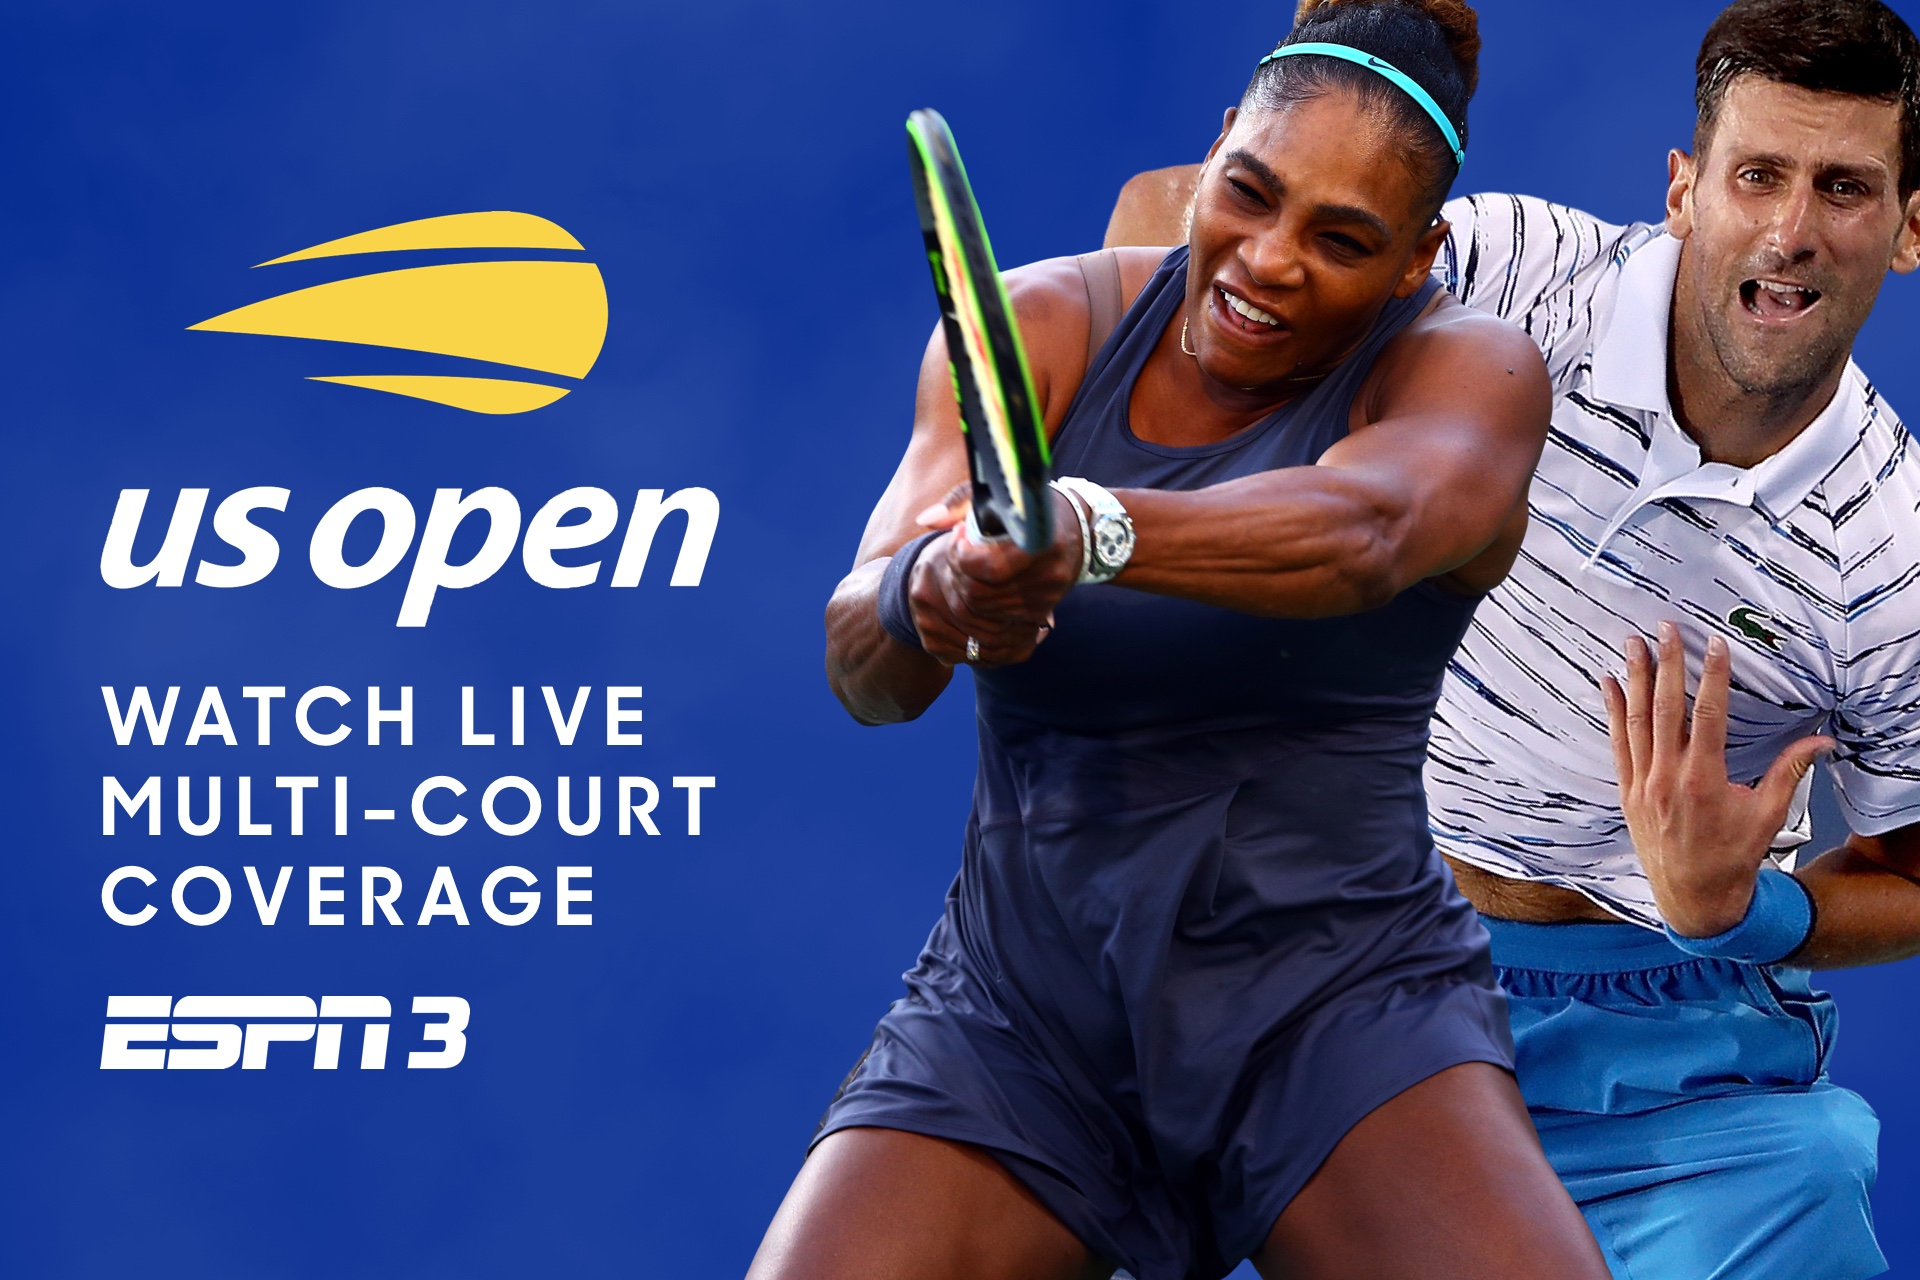 U.S_Open_Williams_Djokovic_Live.jpg